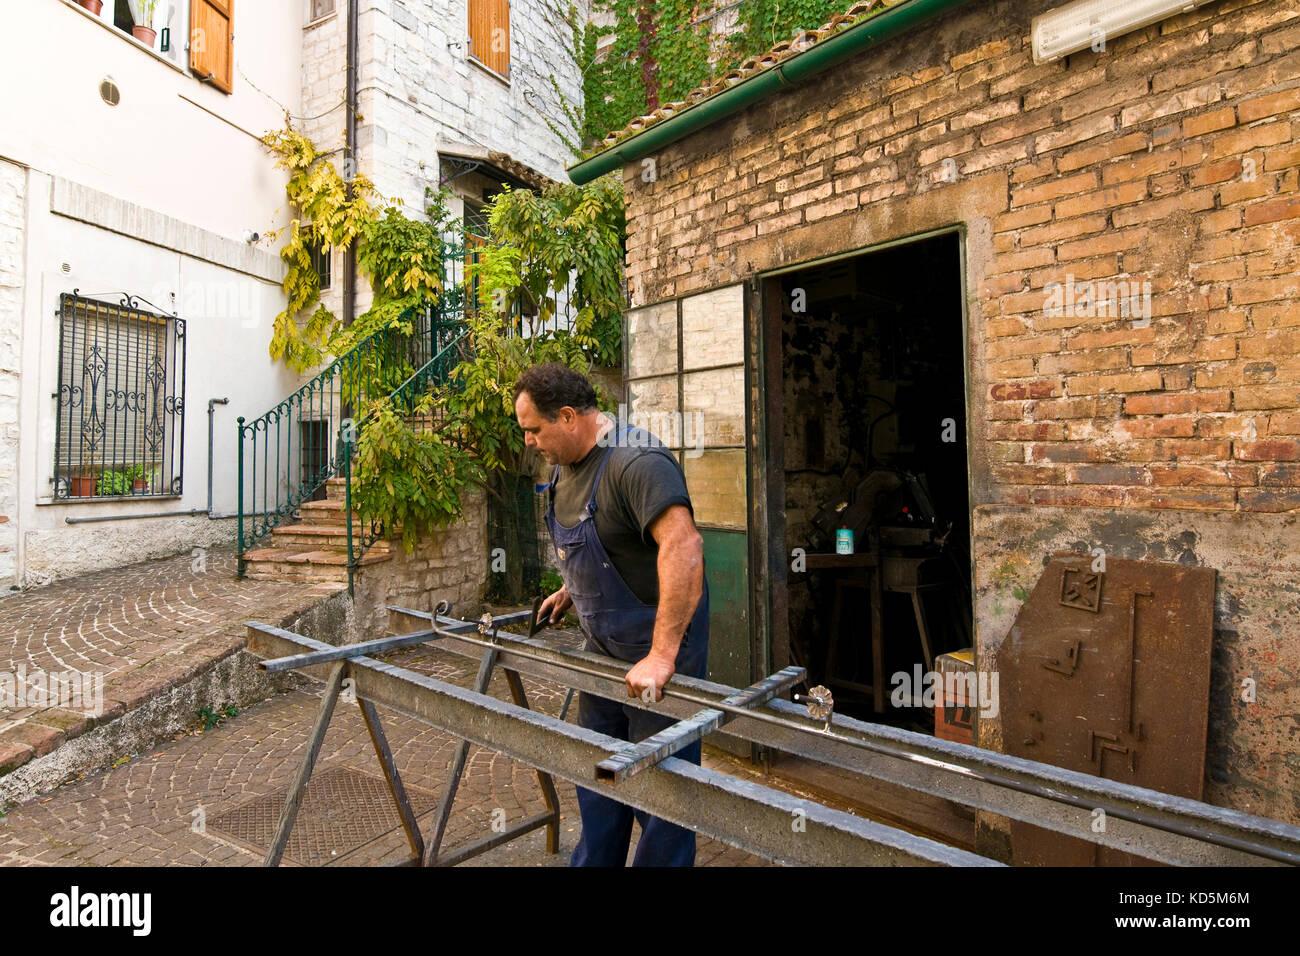 Blacksmith, Sirolo, Italy - Stock Image